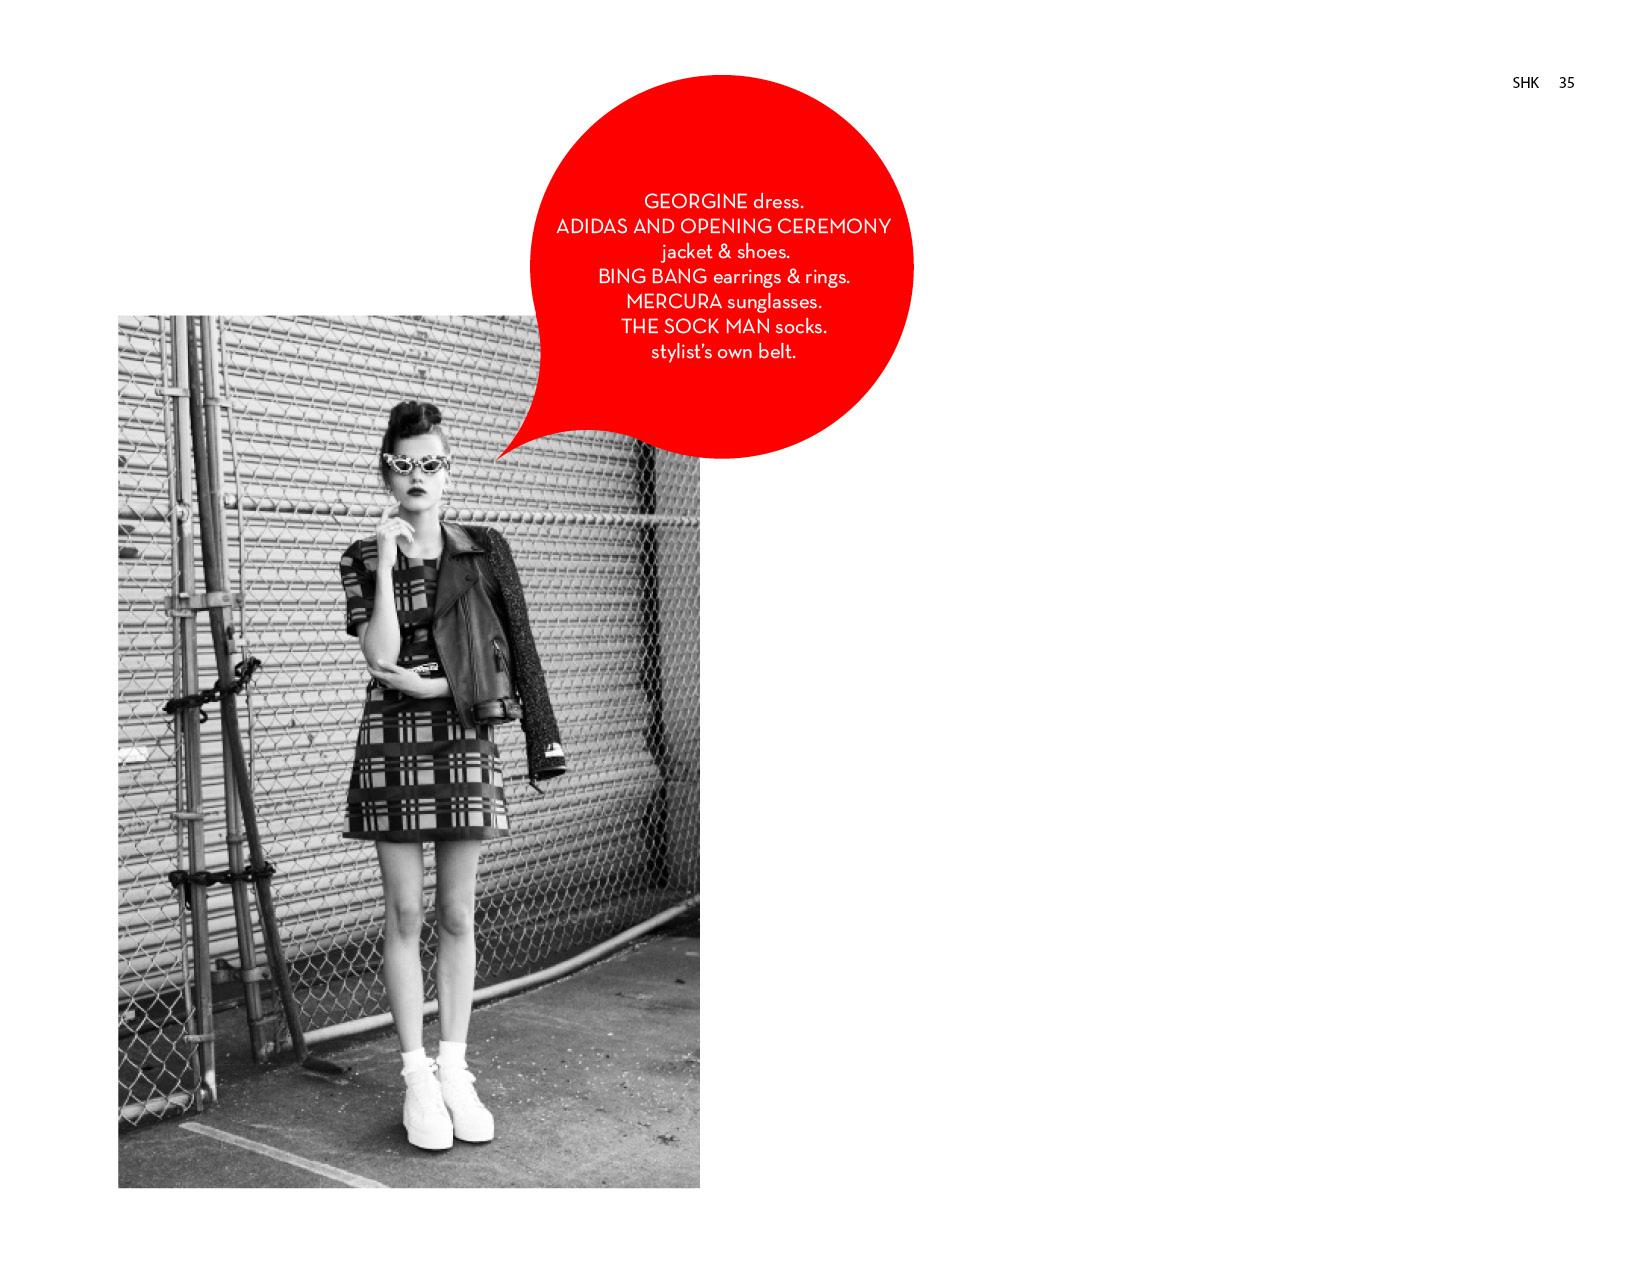 SHK-Summer-Issue-Summer-Needs-No-Explaination-201335.jpg